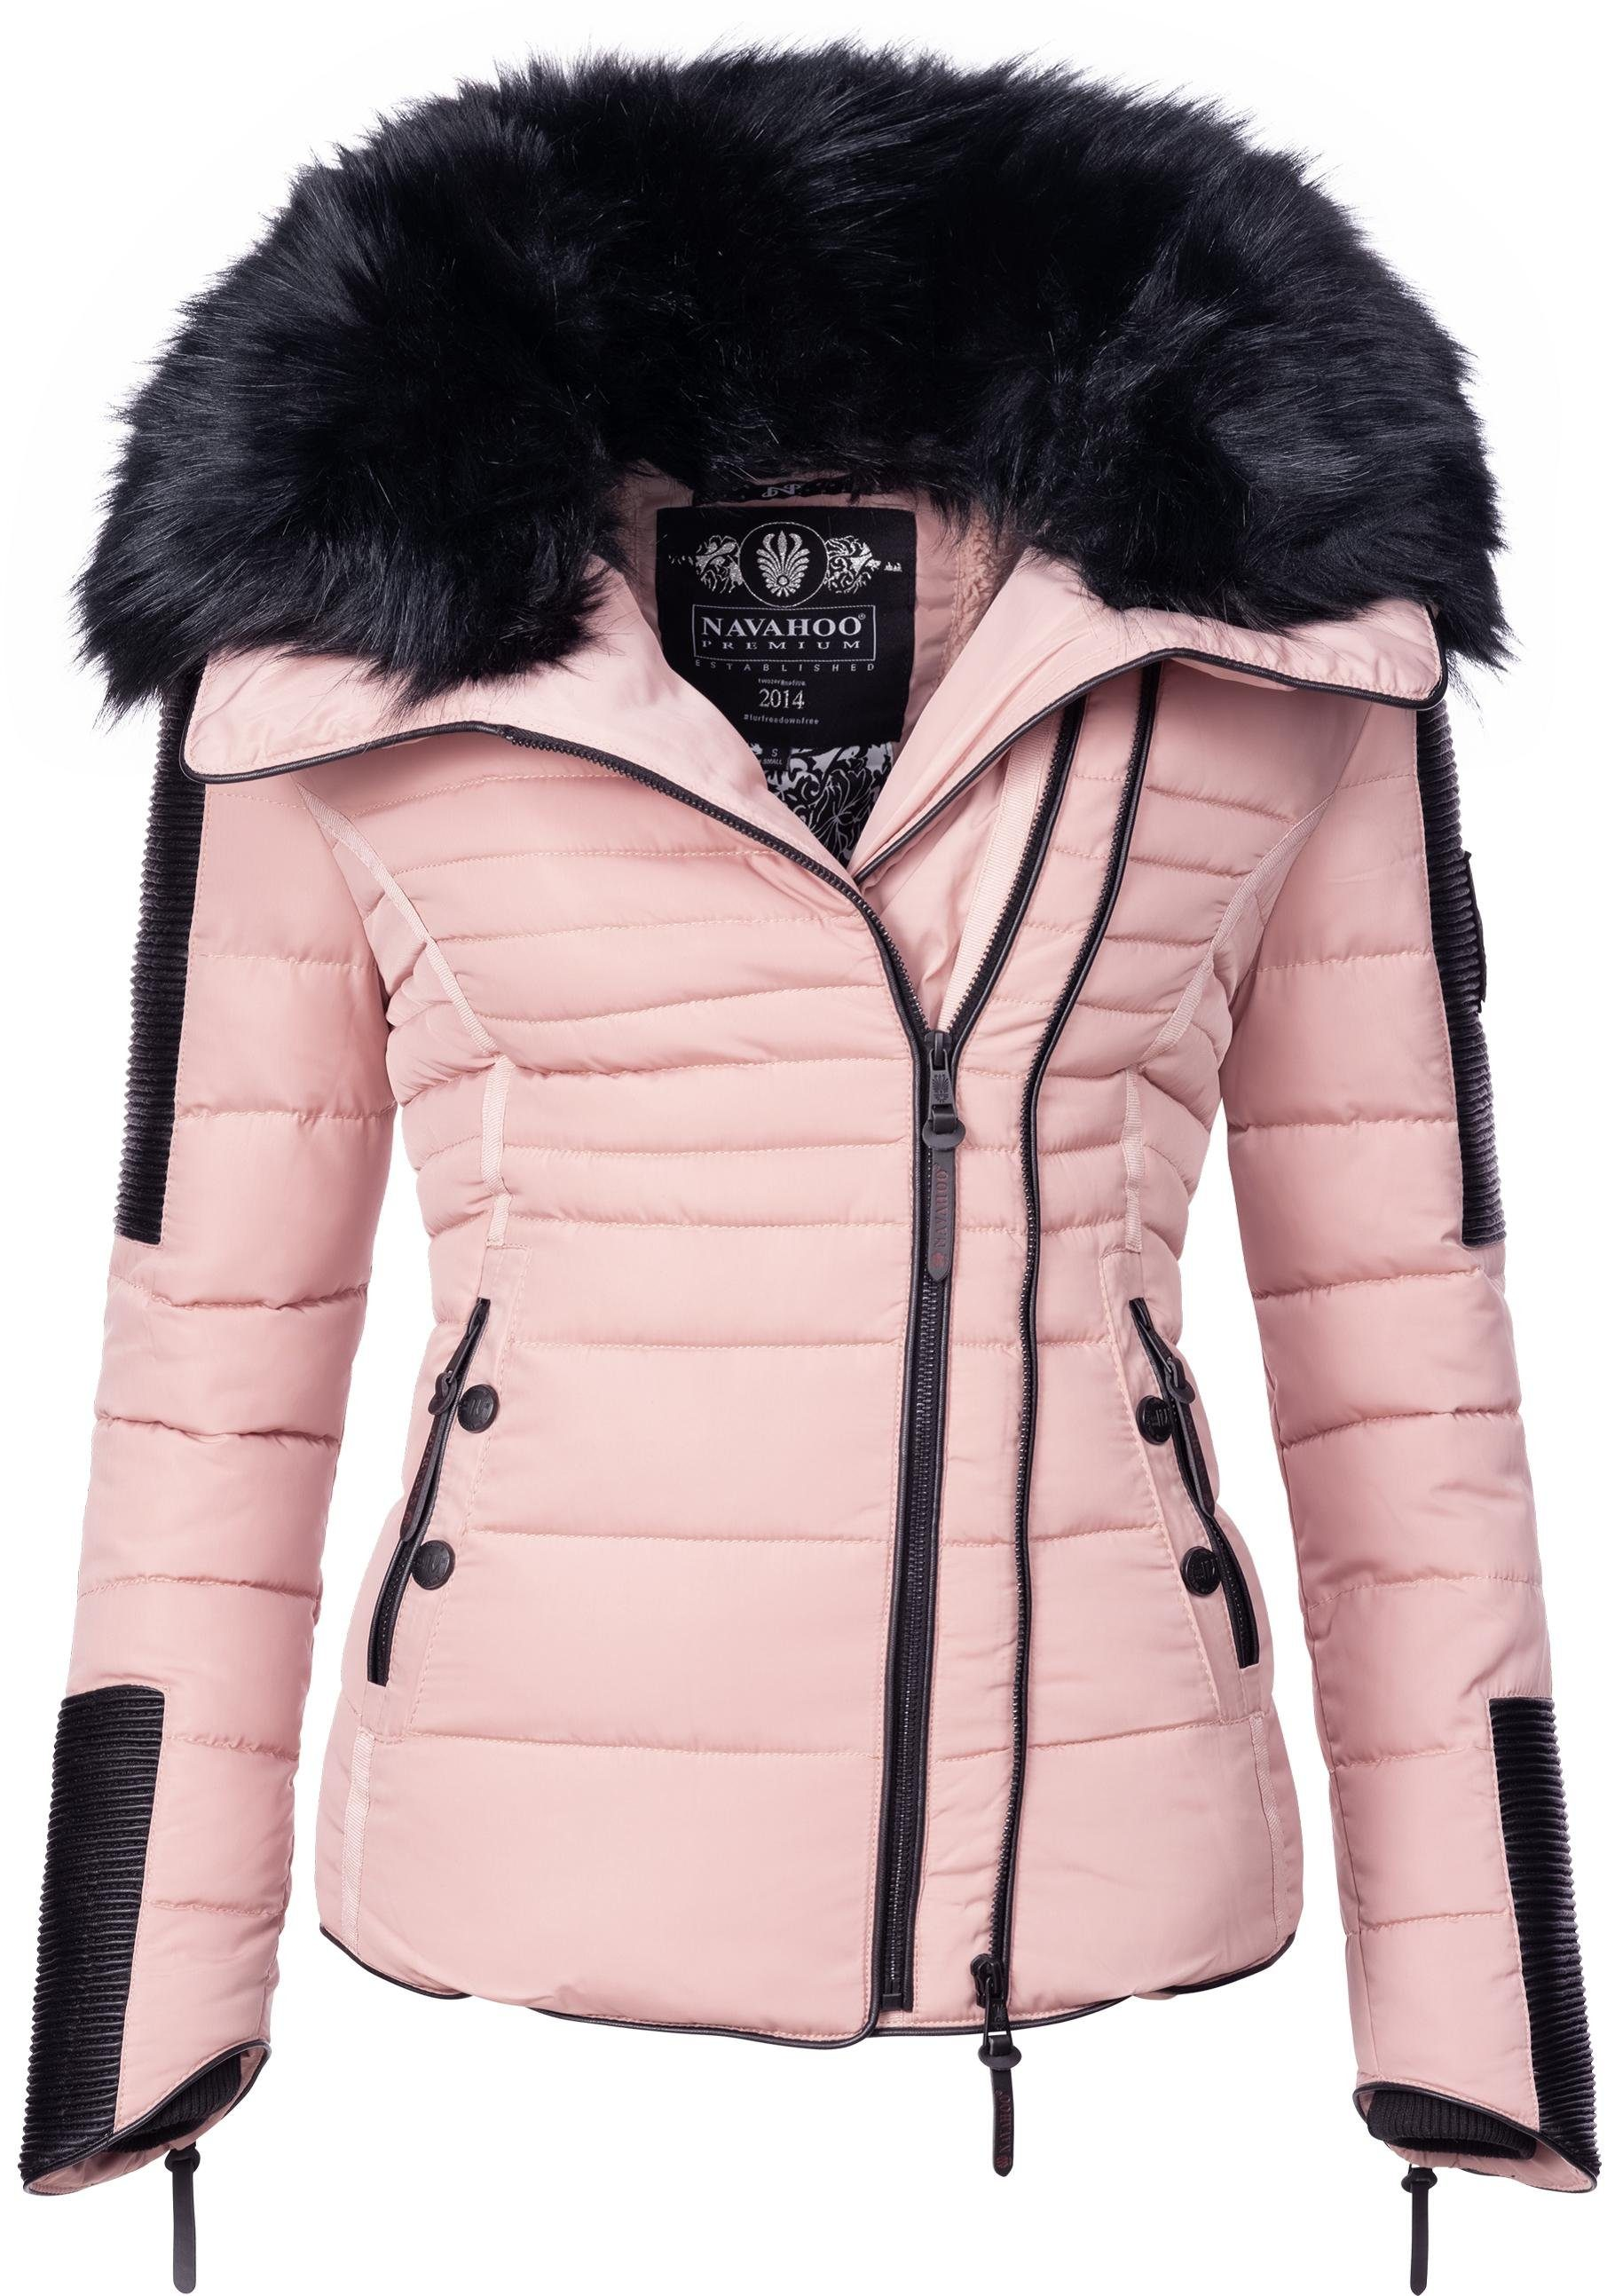 Navahoo Steppjacke »Yuki2« stylische Winterjacke m. edlem Kunstpelz Kragen online kaufen | OTTO